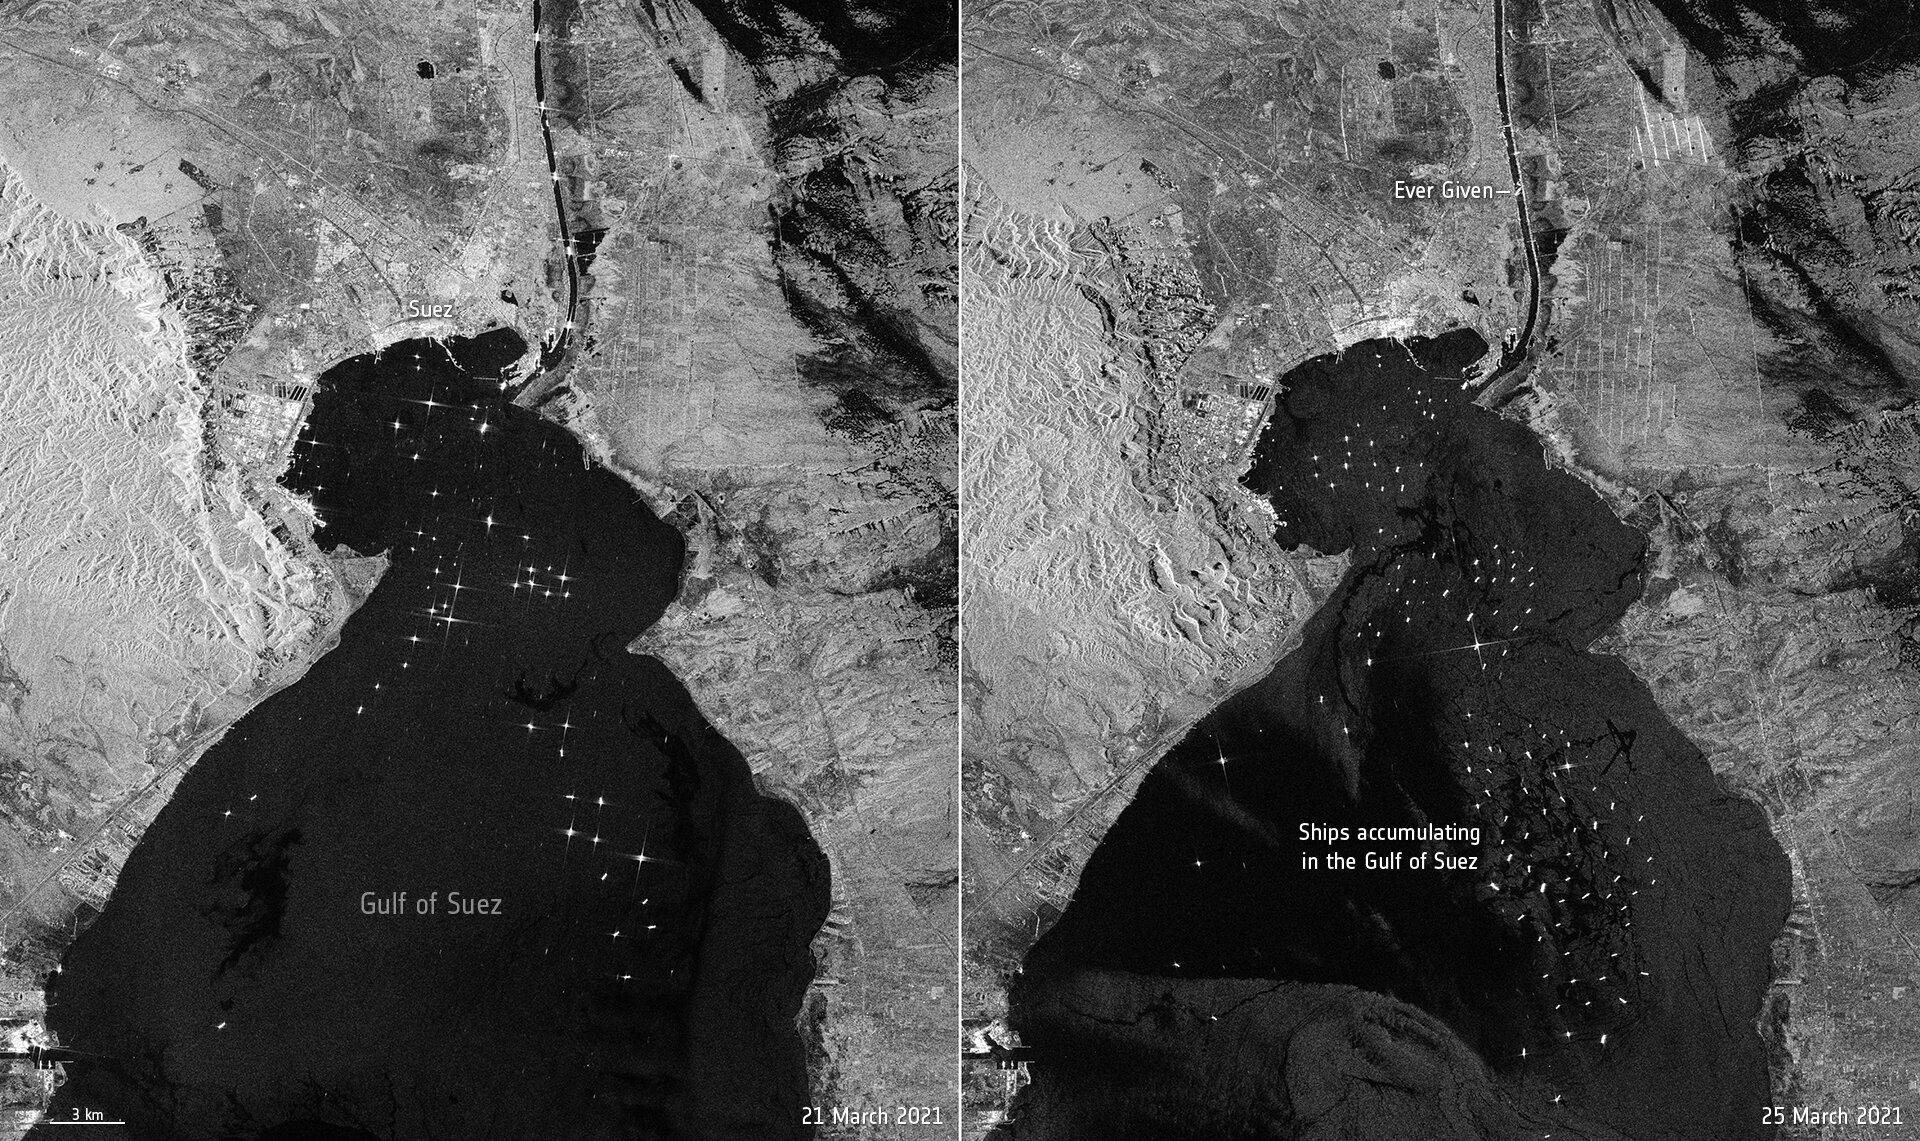 Les images Copernicus Sentinel-1 prises le 21 mars 2021, avant qu'Ever Given ne soit bloqué, et le 25 mars montrent l'accumulation de navires en attente de traverser le canal de Suez.